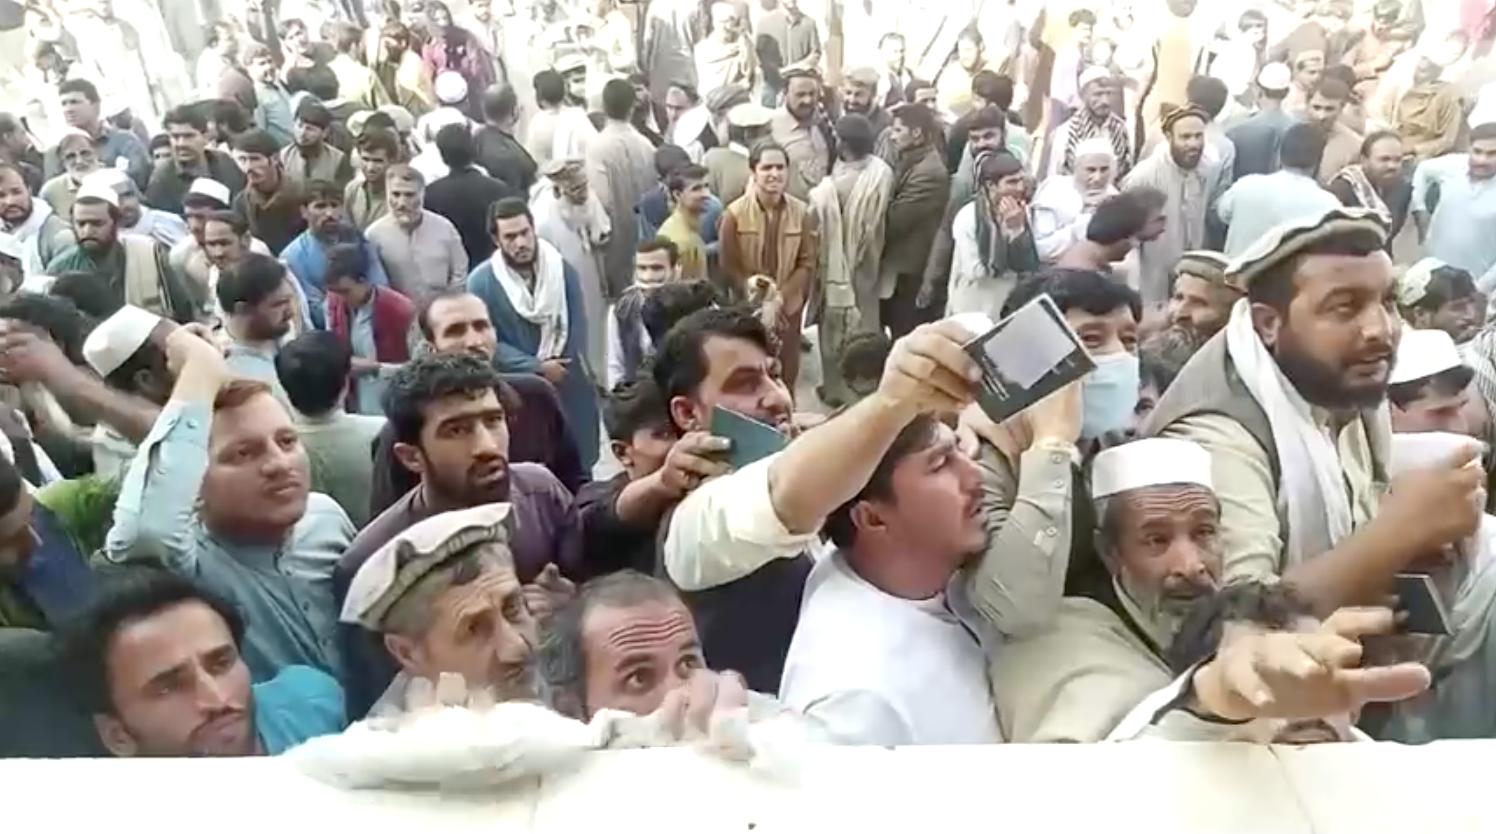 Ít nhất 11 người phụ nữ thiệt mạng sau khi bị giẫm đạp gần tòa lãnh sự Pakistan